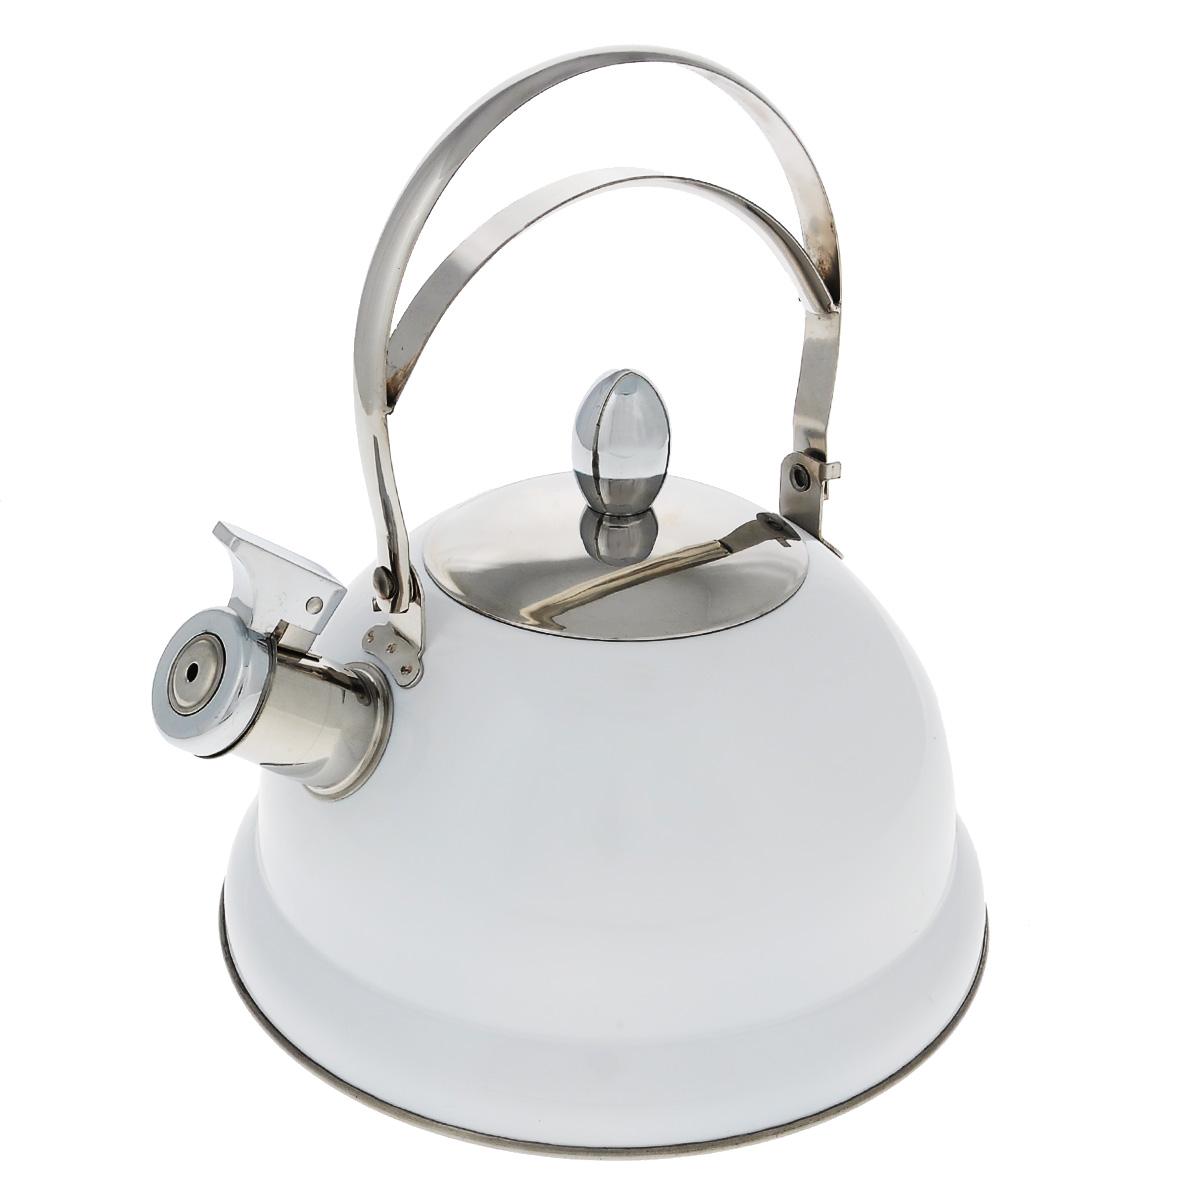 Чайник Bekker De Luxe, со свистком, цвет: белый, 2,6 л. BK-S408BK-S408Чайник Bekker De Luxe изготовлен из высококачественной нержавеющей стали 18/10 с цветным эмалевым покрытием. Капсулированное дно распределяет тепло по всей поверхности, что позволяет чайнику быстро закипать. Ручка подвижная. Носик оснащен откидным свистком, который подскажет, когда вода закипела. Свисток открывается и закрывается с помощью специального рычага. Подходит для всех типов плит, включая индукционные. Можно мыть в посудомоечной машине. Диаметр (по верхнему краю): 10 см. Диаметр основания: 22 см. Высота чайника (без учета ручки): 13 см.